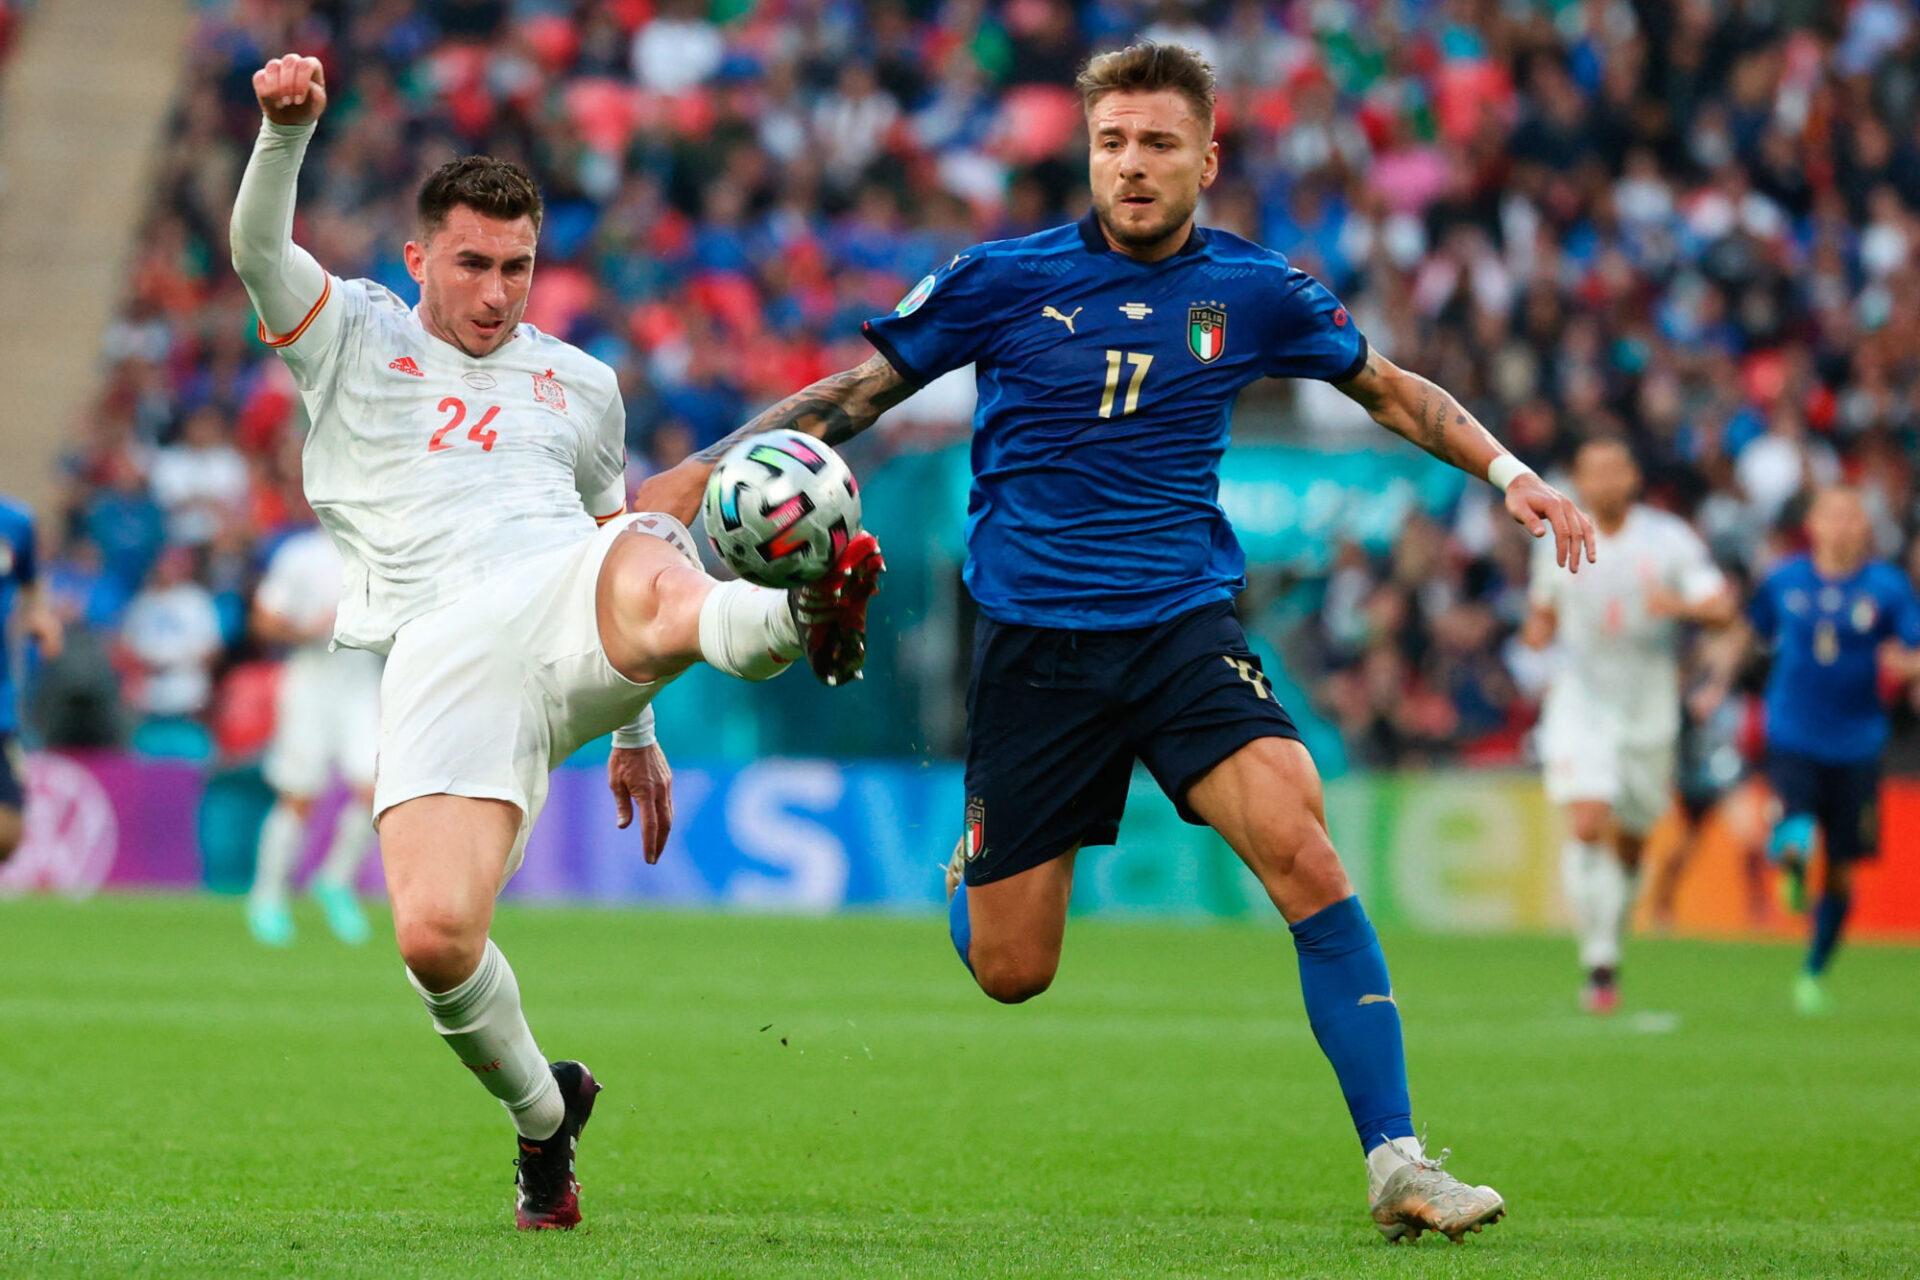 L'Espagne d'Aymeric Laporte et l'Italie de Ciro Immobile s'étaient tirées la bourre en demi-finale de l'Euro 2020. Icon Sport